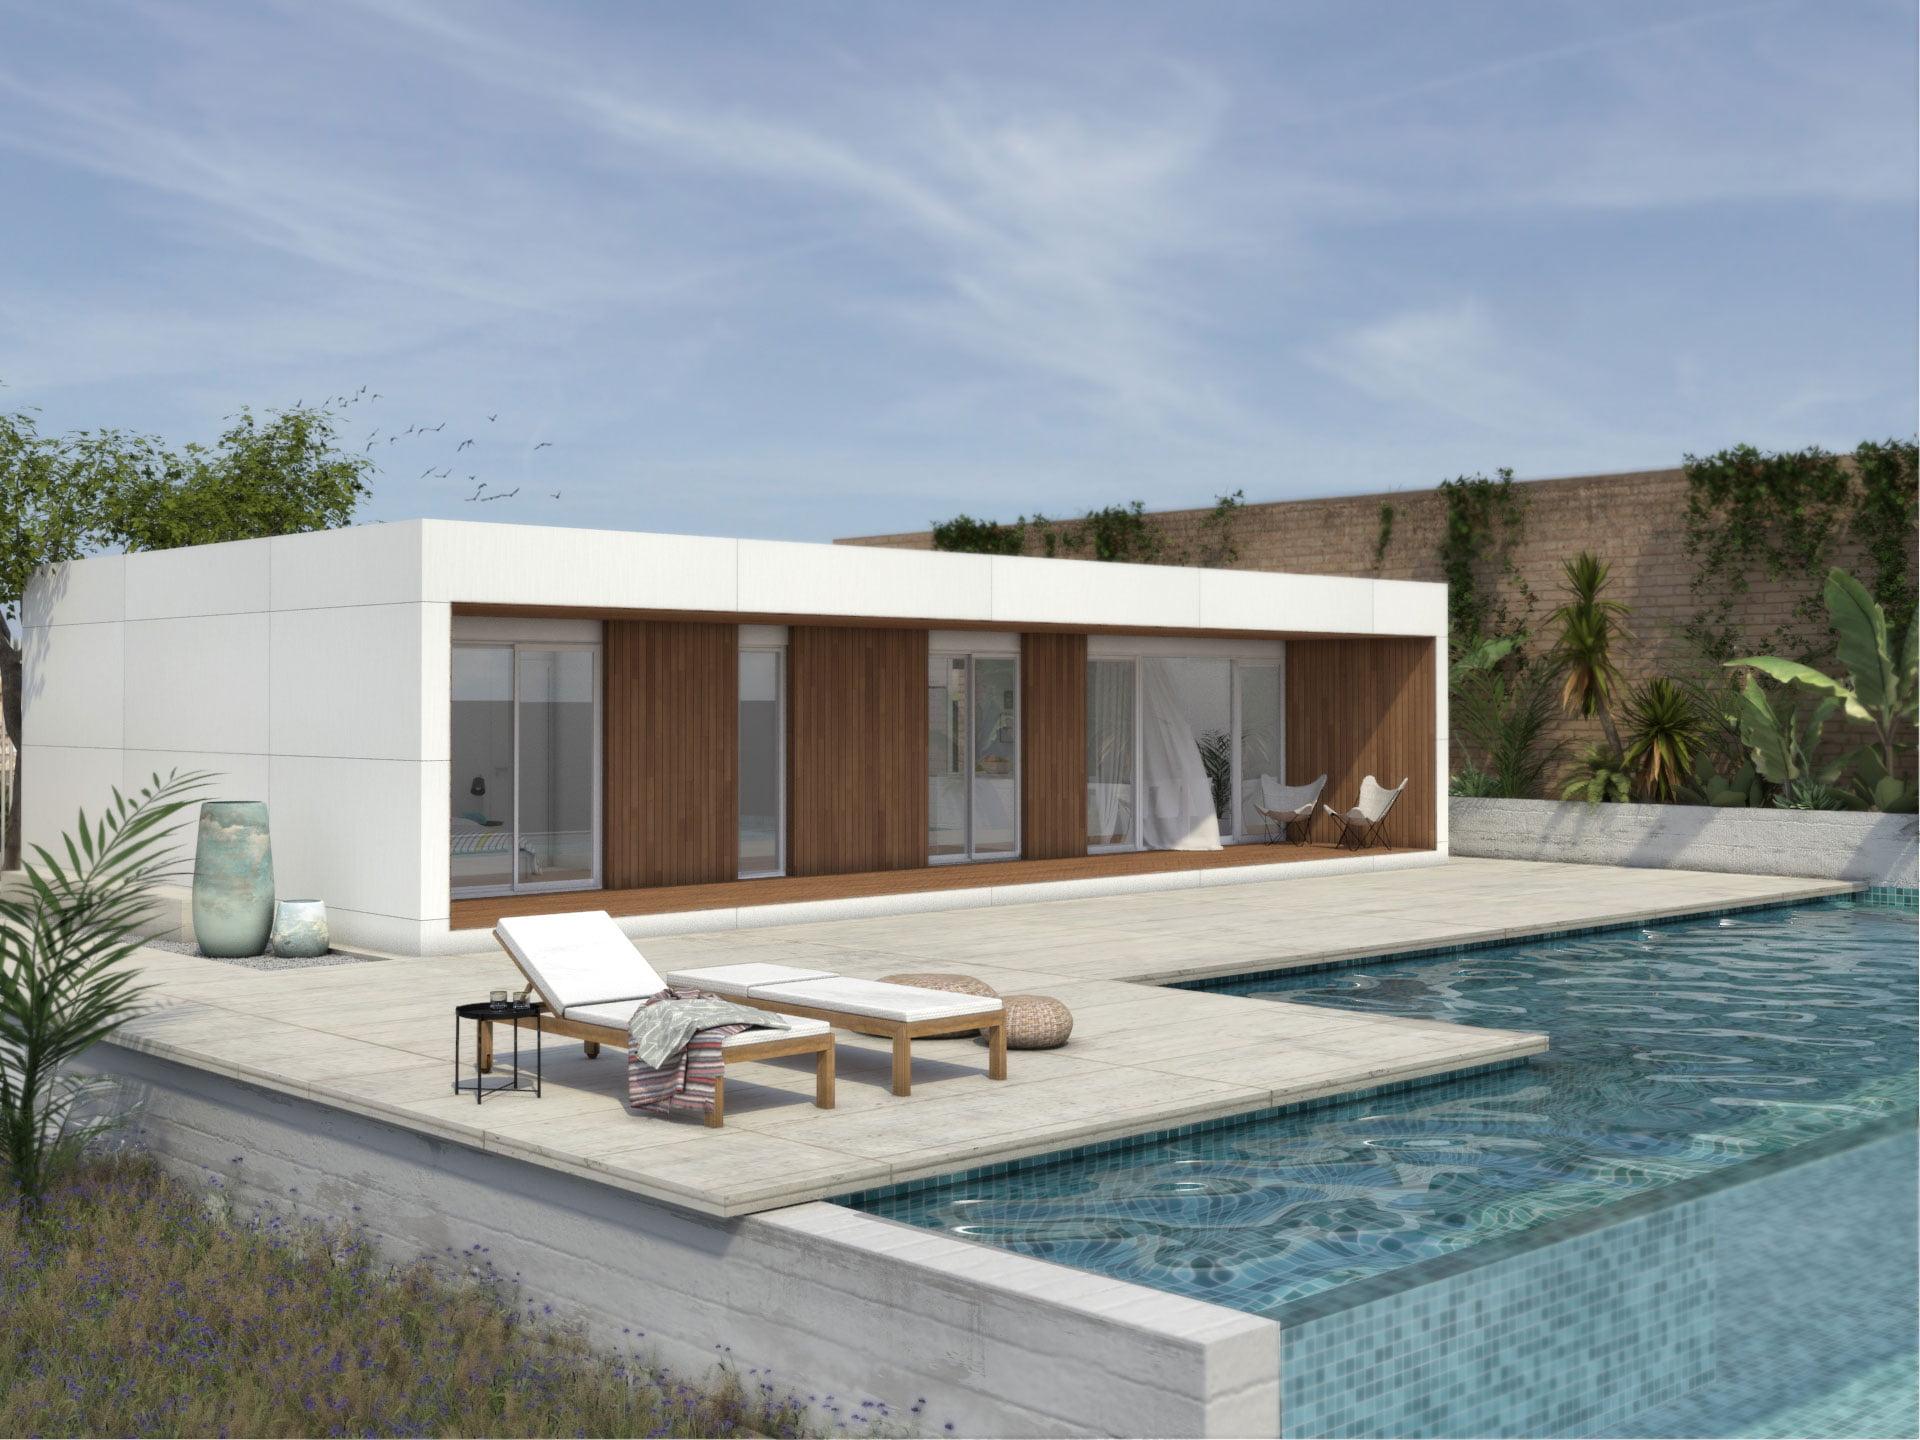 Casa prefabricada duna 3 dormitorios atl ntida homes - Atlantida homes ...